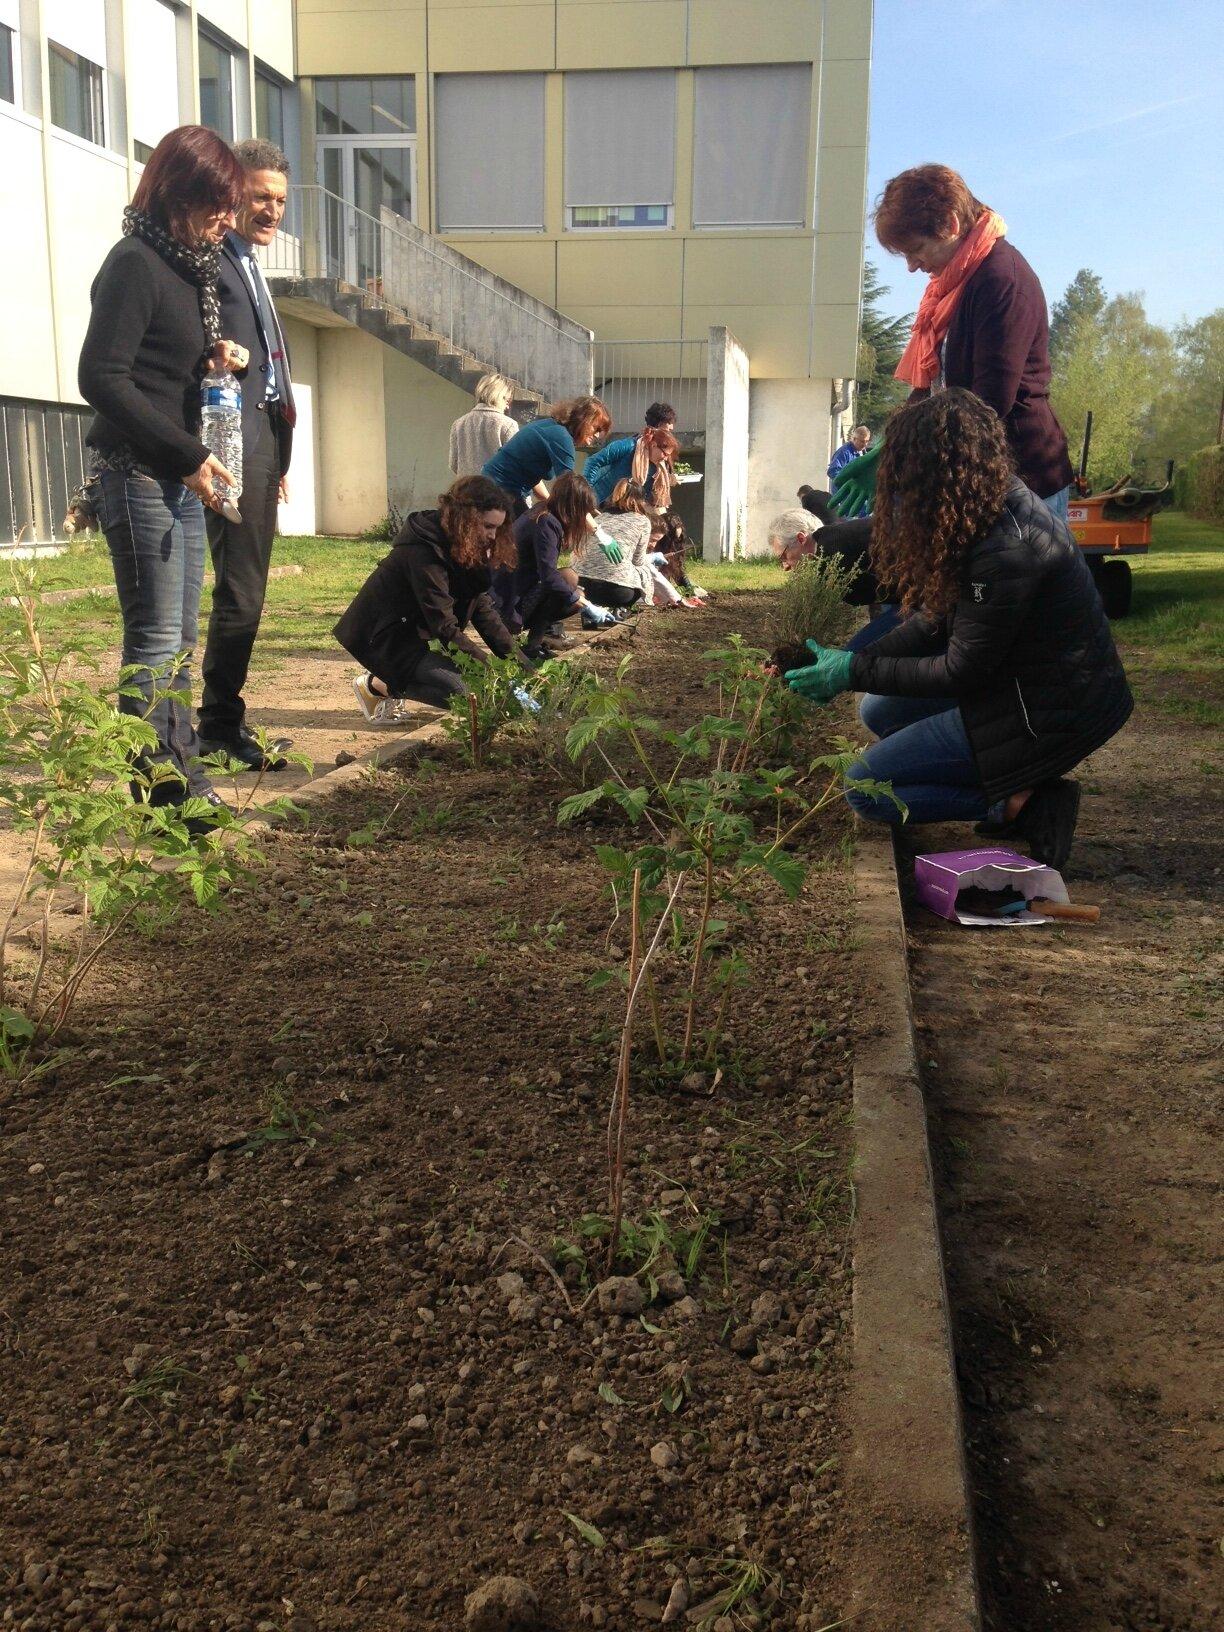 Les plantations de printemps au LEM : un petit jardin réussi, à faire durer jusqu'à la récolte